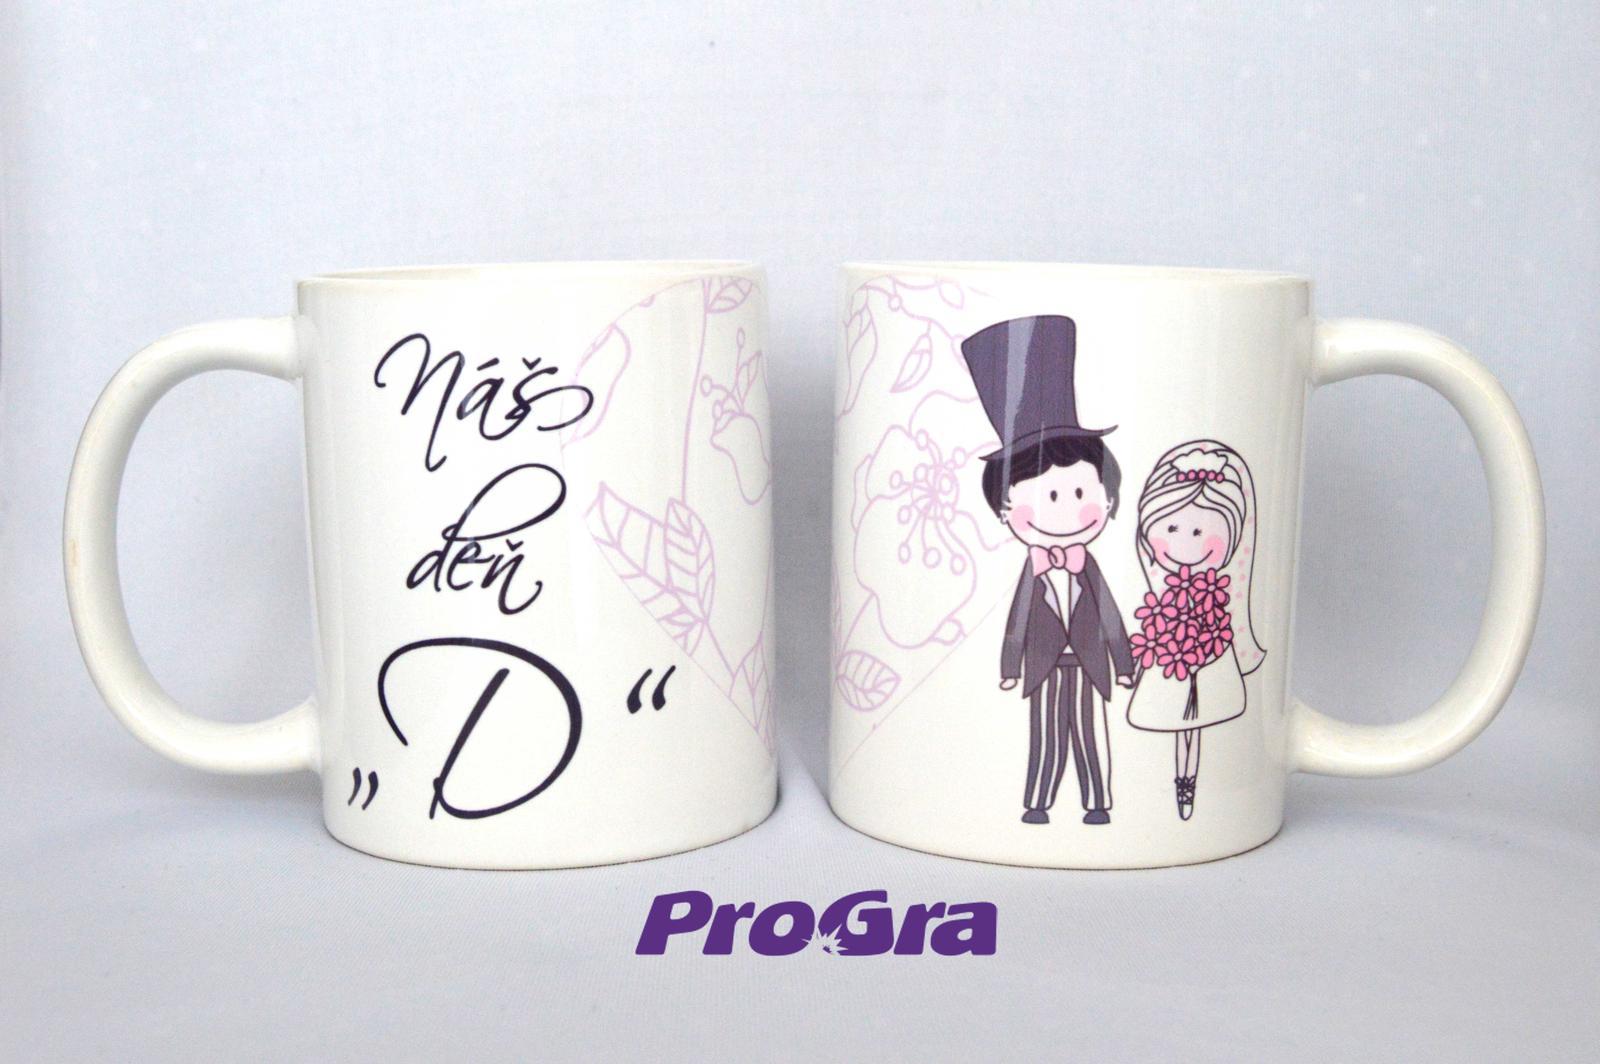 """Originální Svatební Doplňky - Náš den """"D"""" - set 2 ks hrnků laděných do růžovo -fialova s milou grafikou z naší nabídky"""